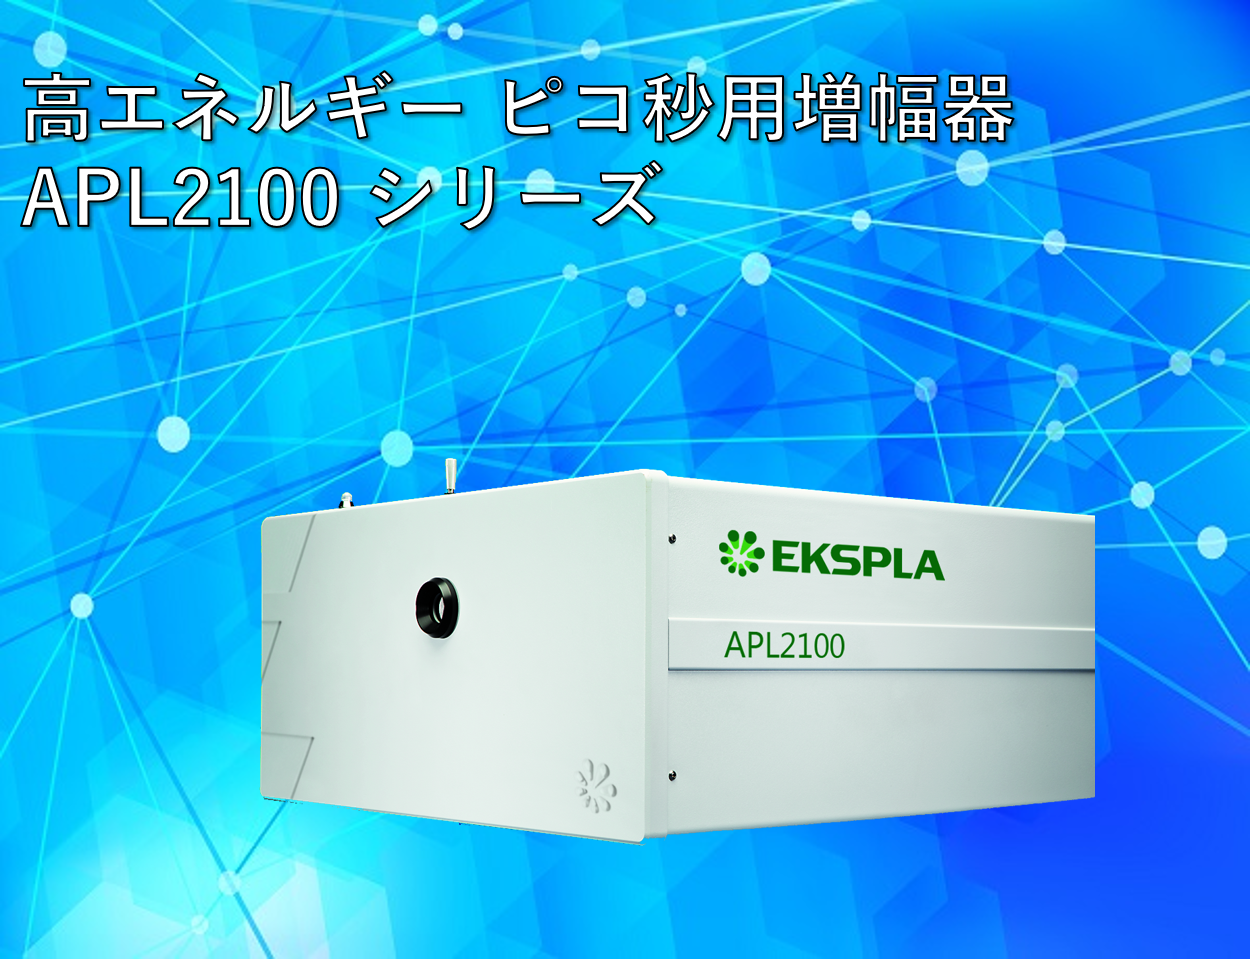 ピコ秒パルスレーザー用増幅器 APL2100